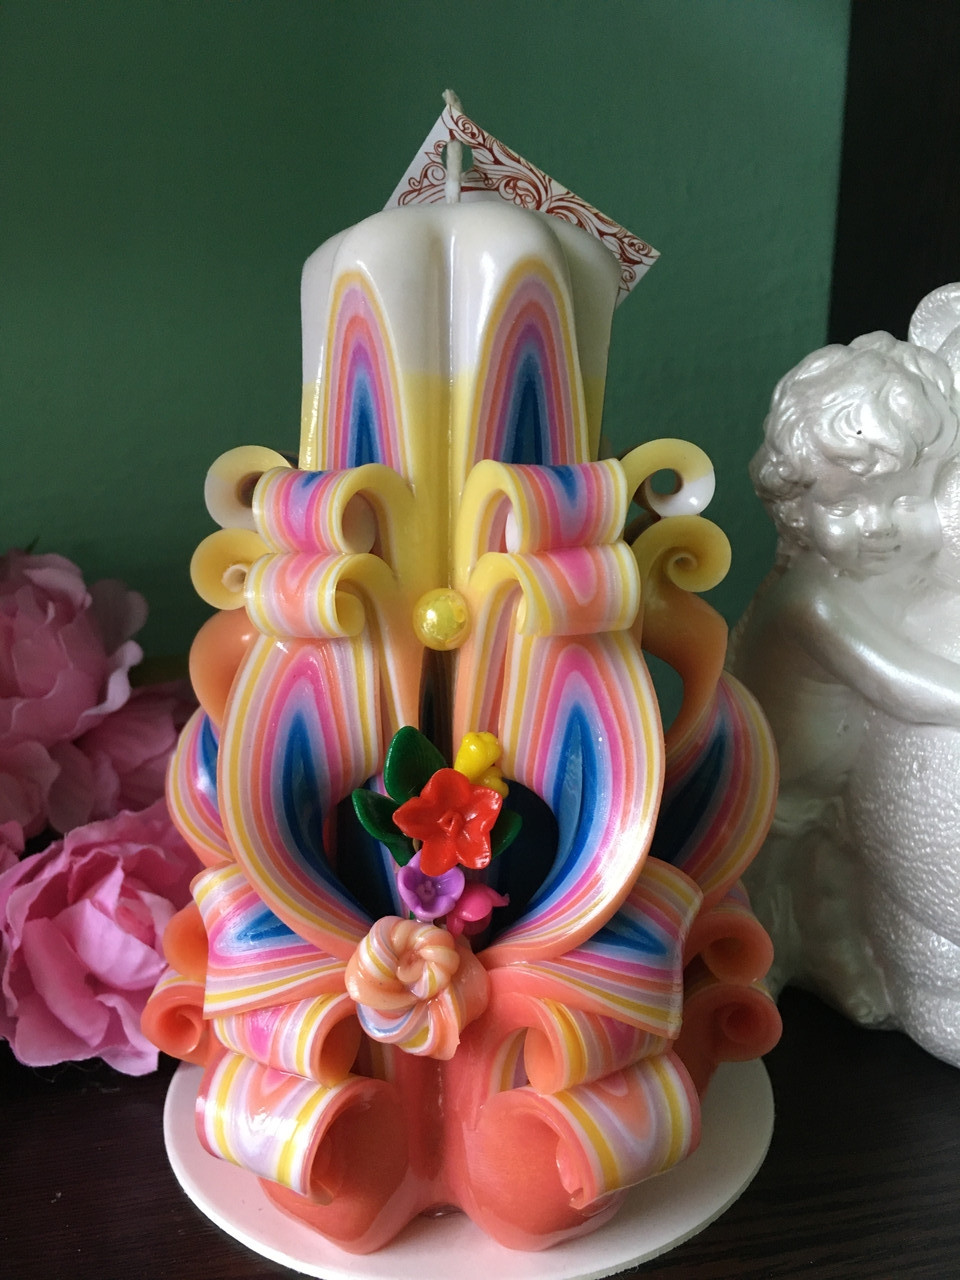 Свічка різьблена весняної забарвлення з букетом квітів